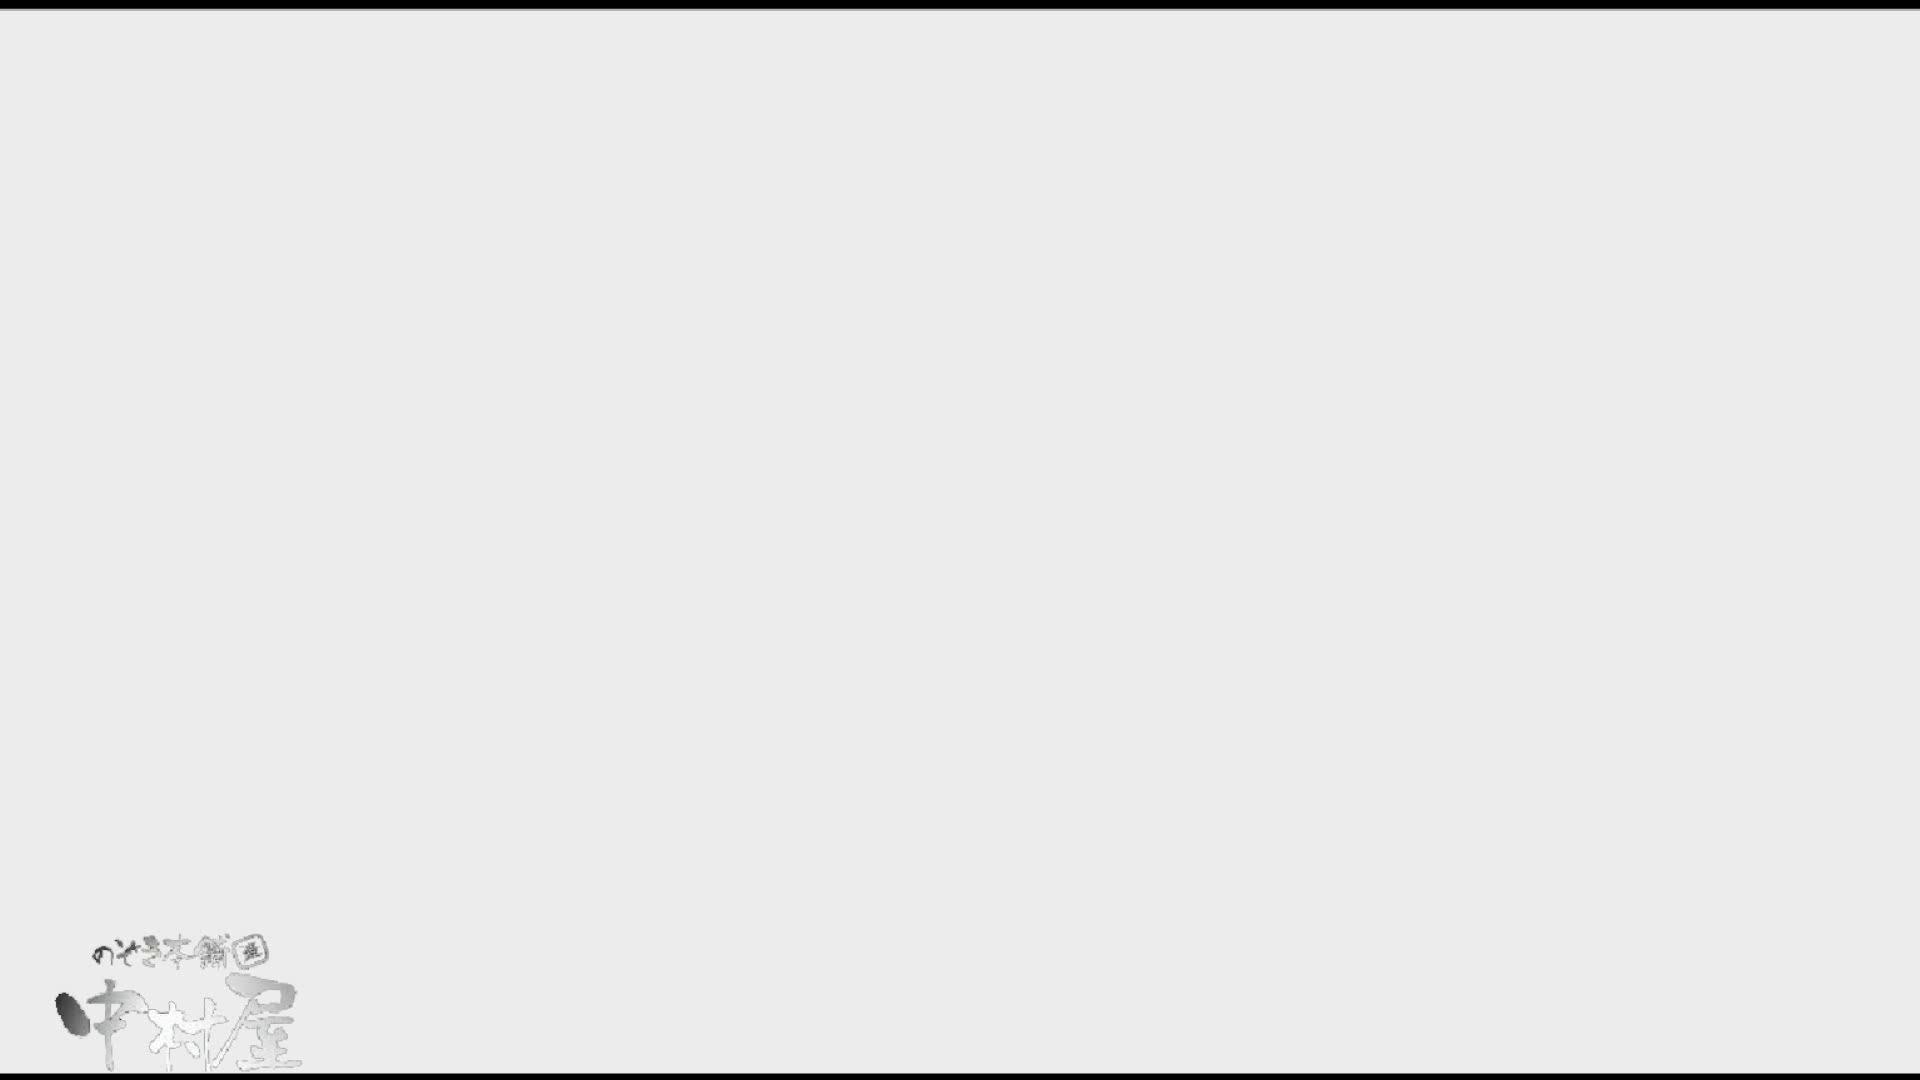 飛び出す黄金水!!!アトレ潜入 かわや盗撮 vol.01 盗撮シリーズ エロ画像 89PIX 2